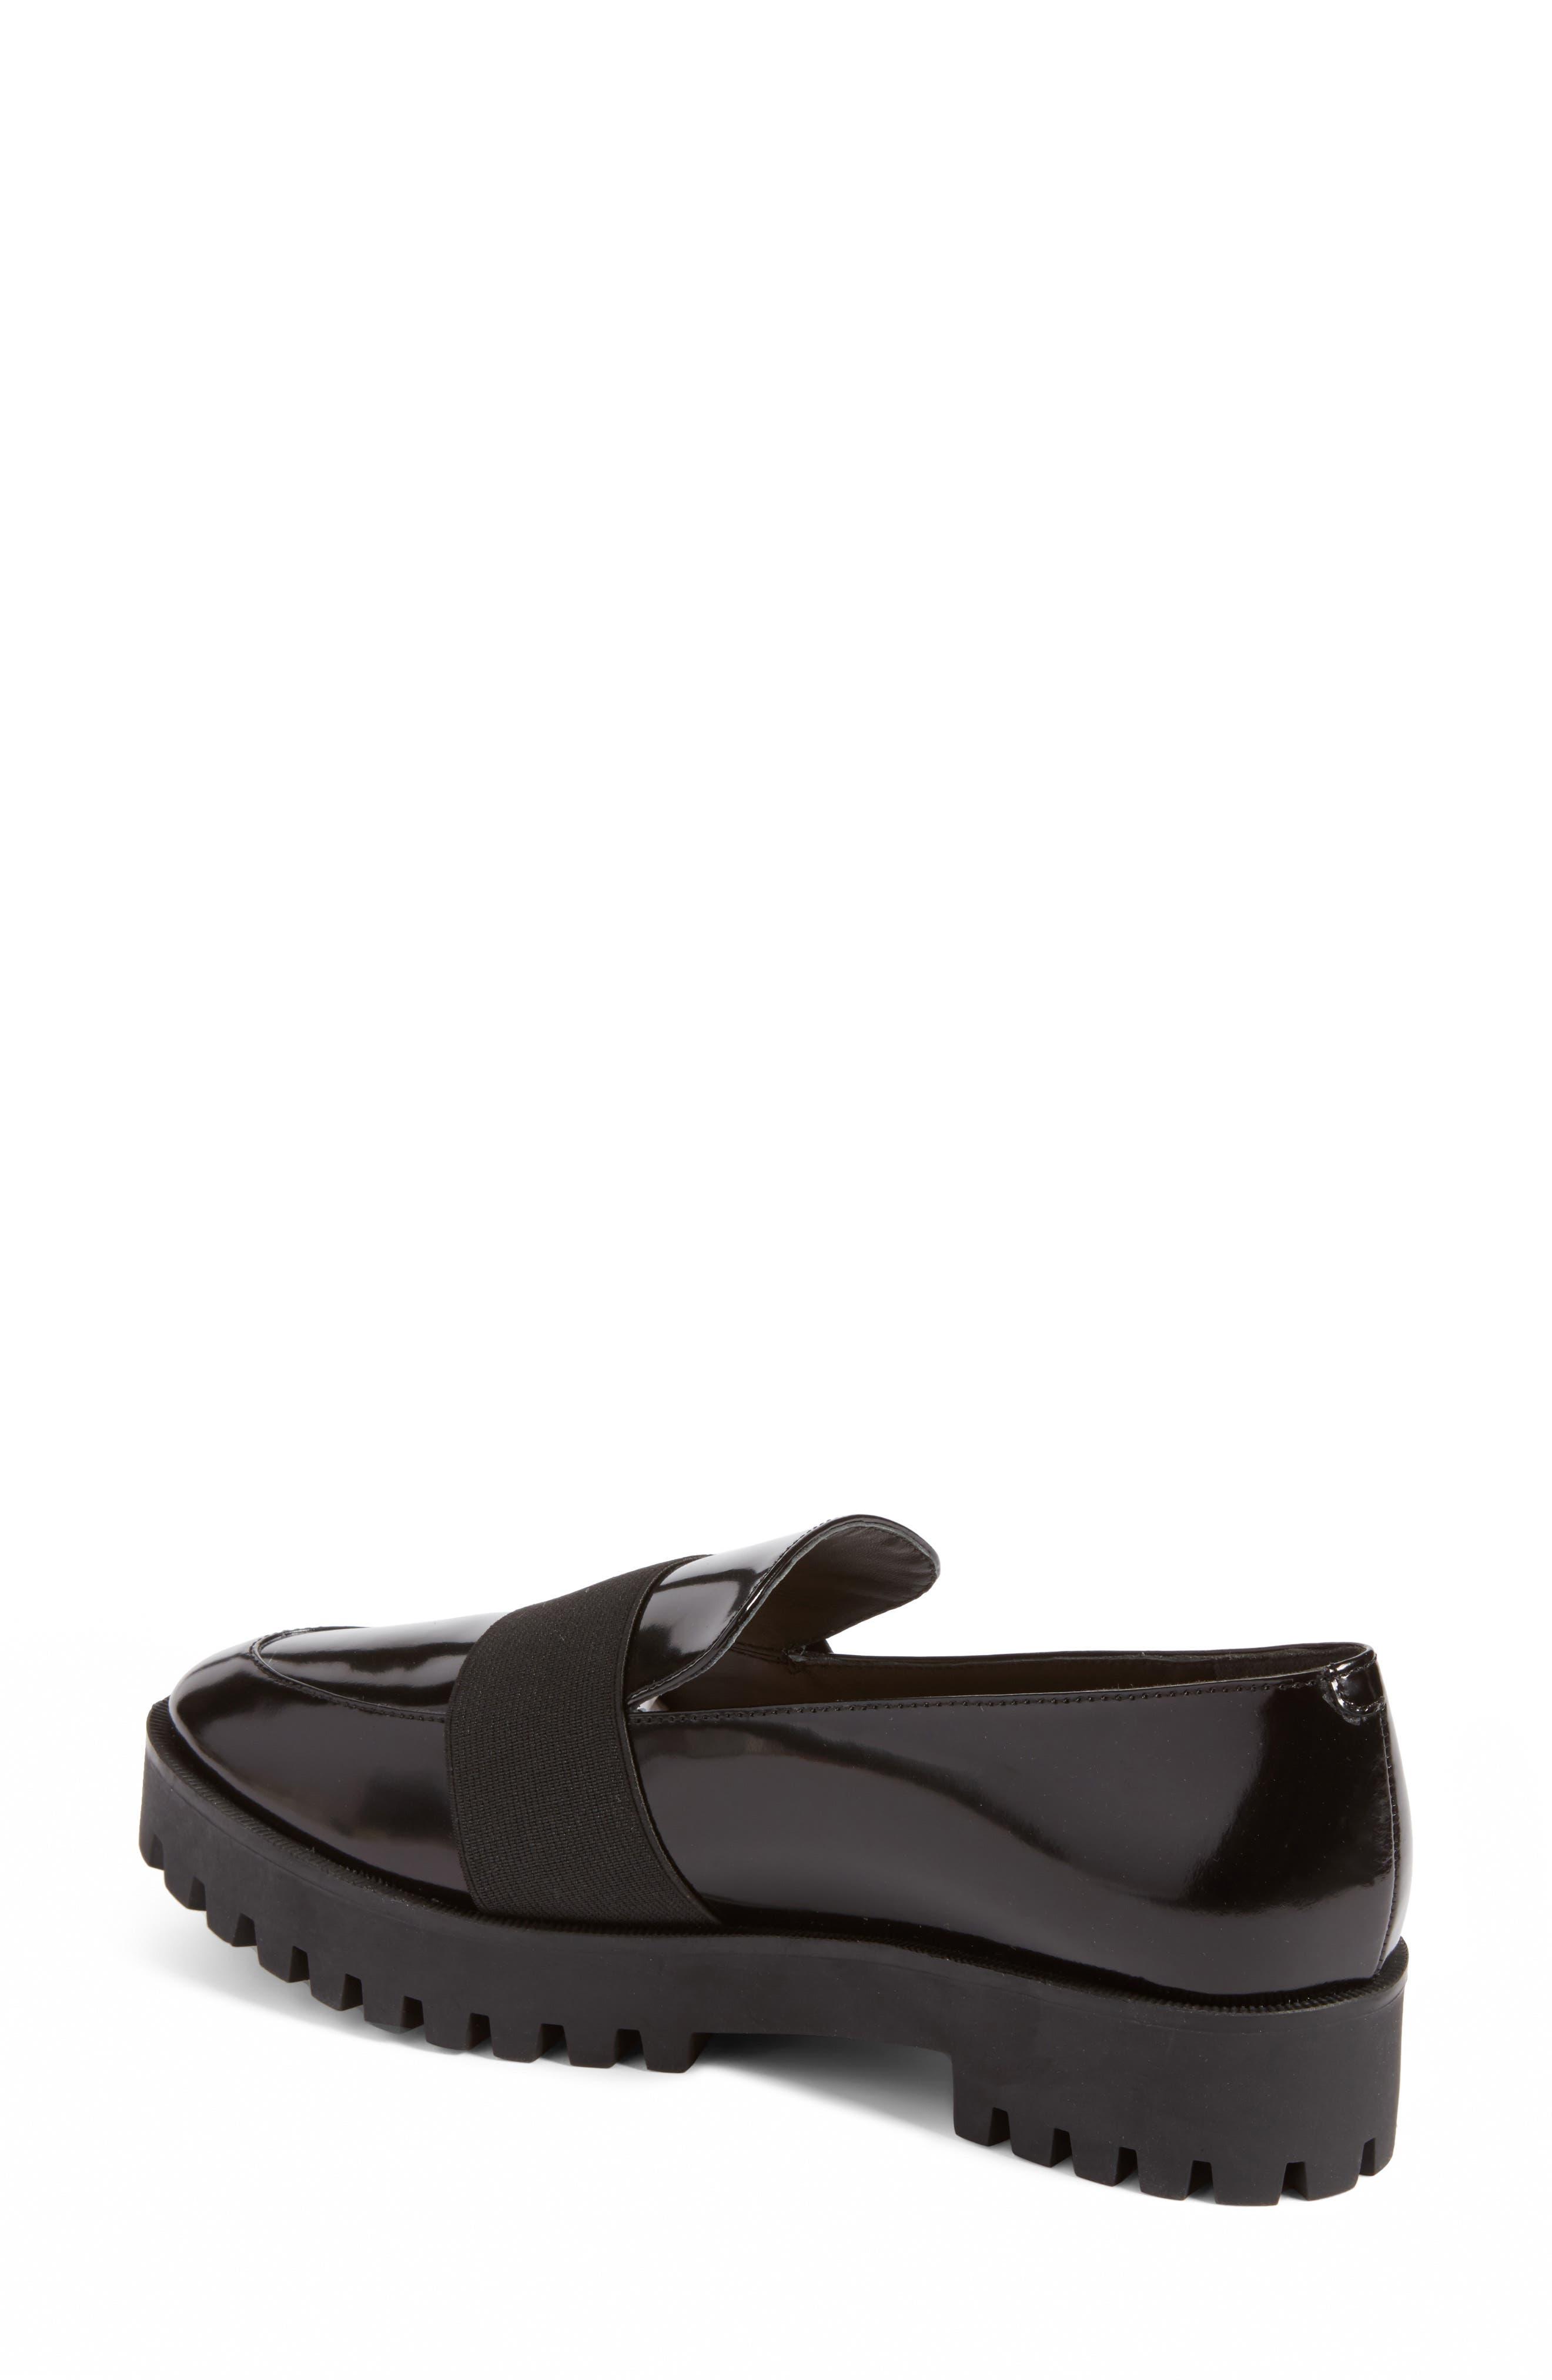 Gallo Platform Loafer,                             Alternate thumbnail 3, color,                             Black Leather